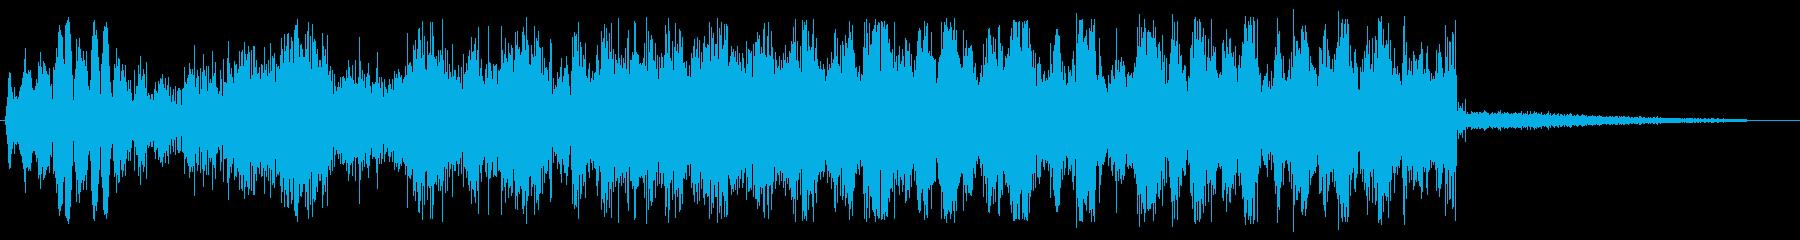 ドゥルルル (甲高い回転音)の再生済みの波形